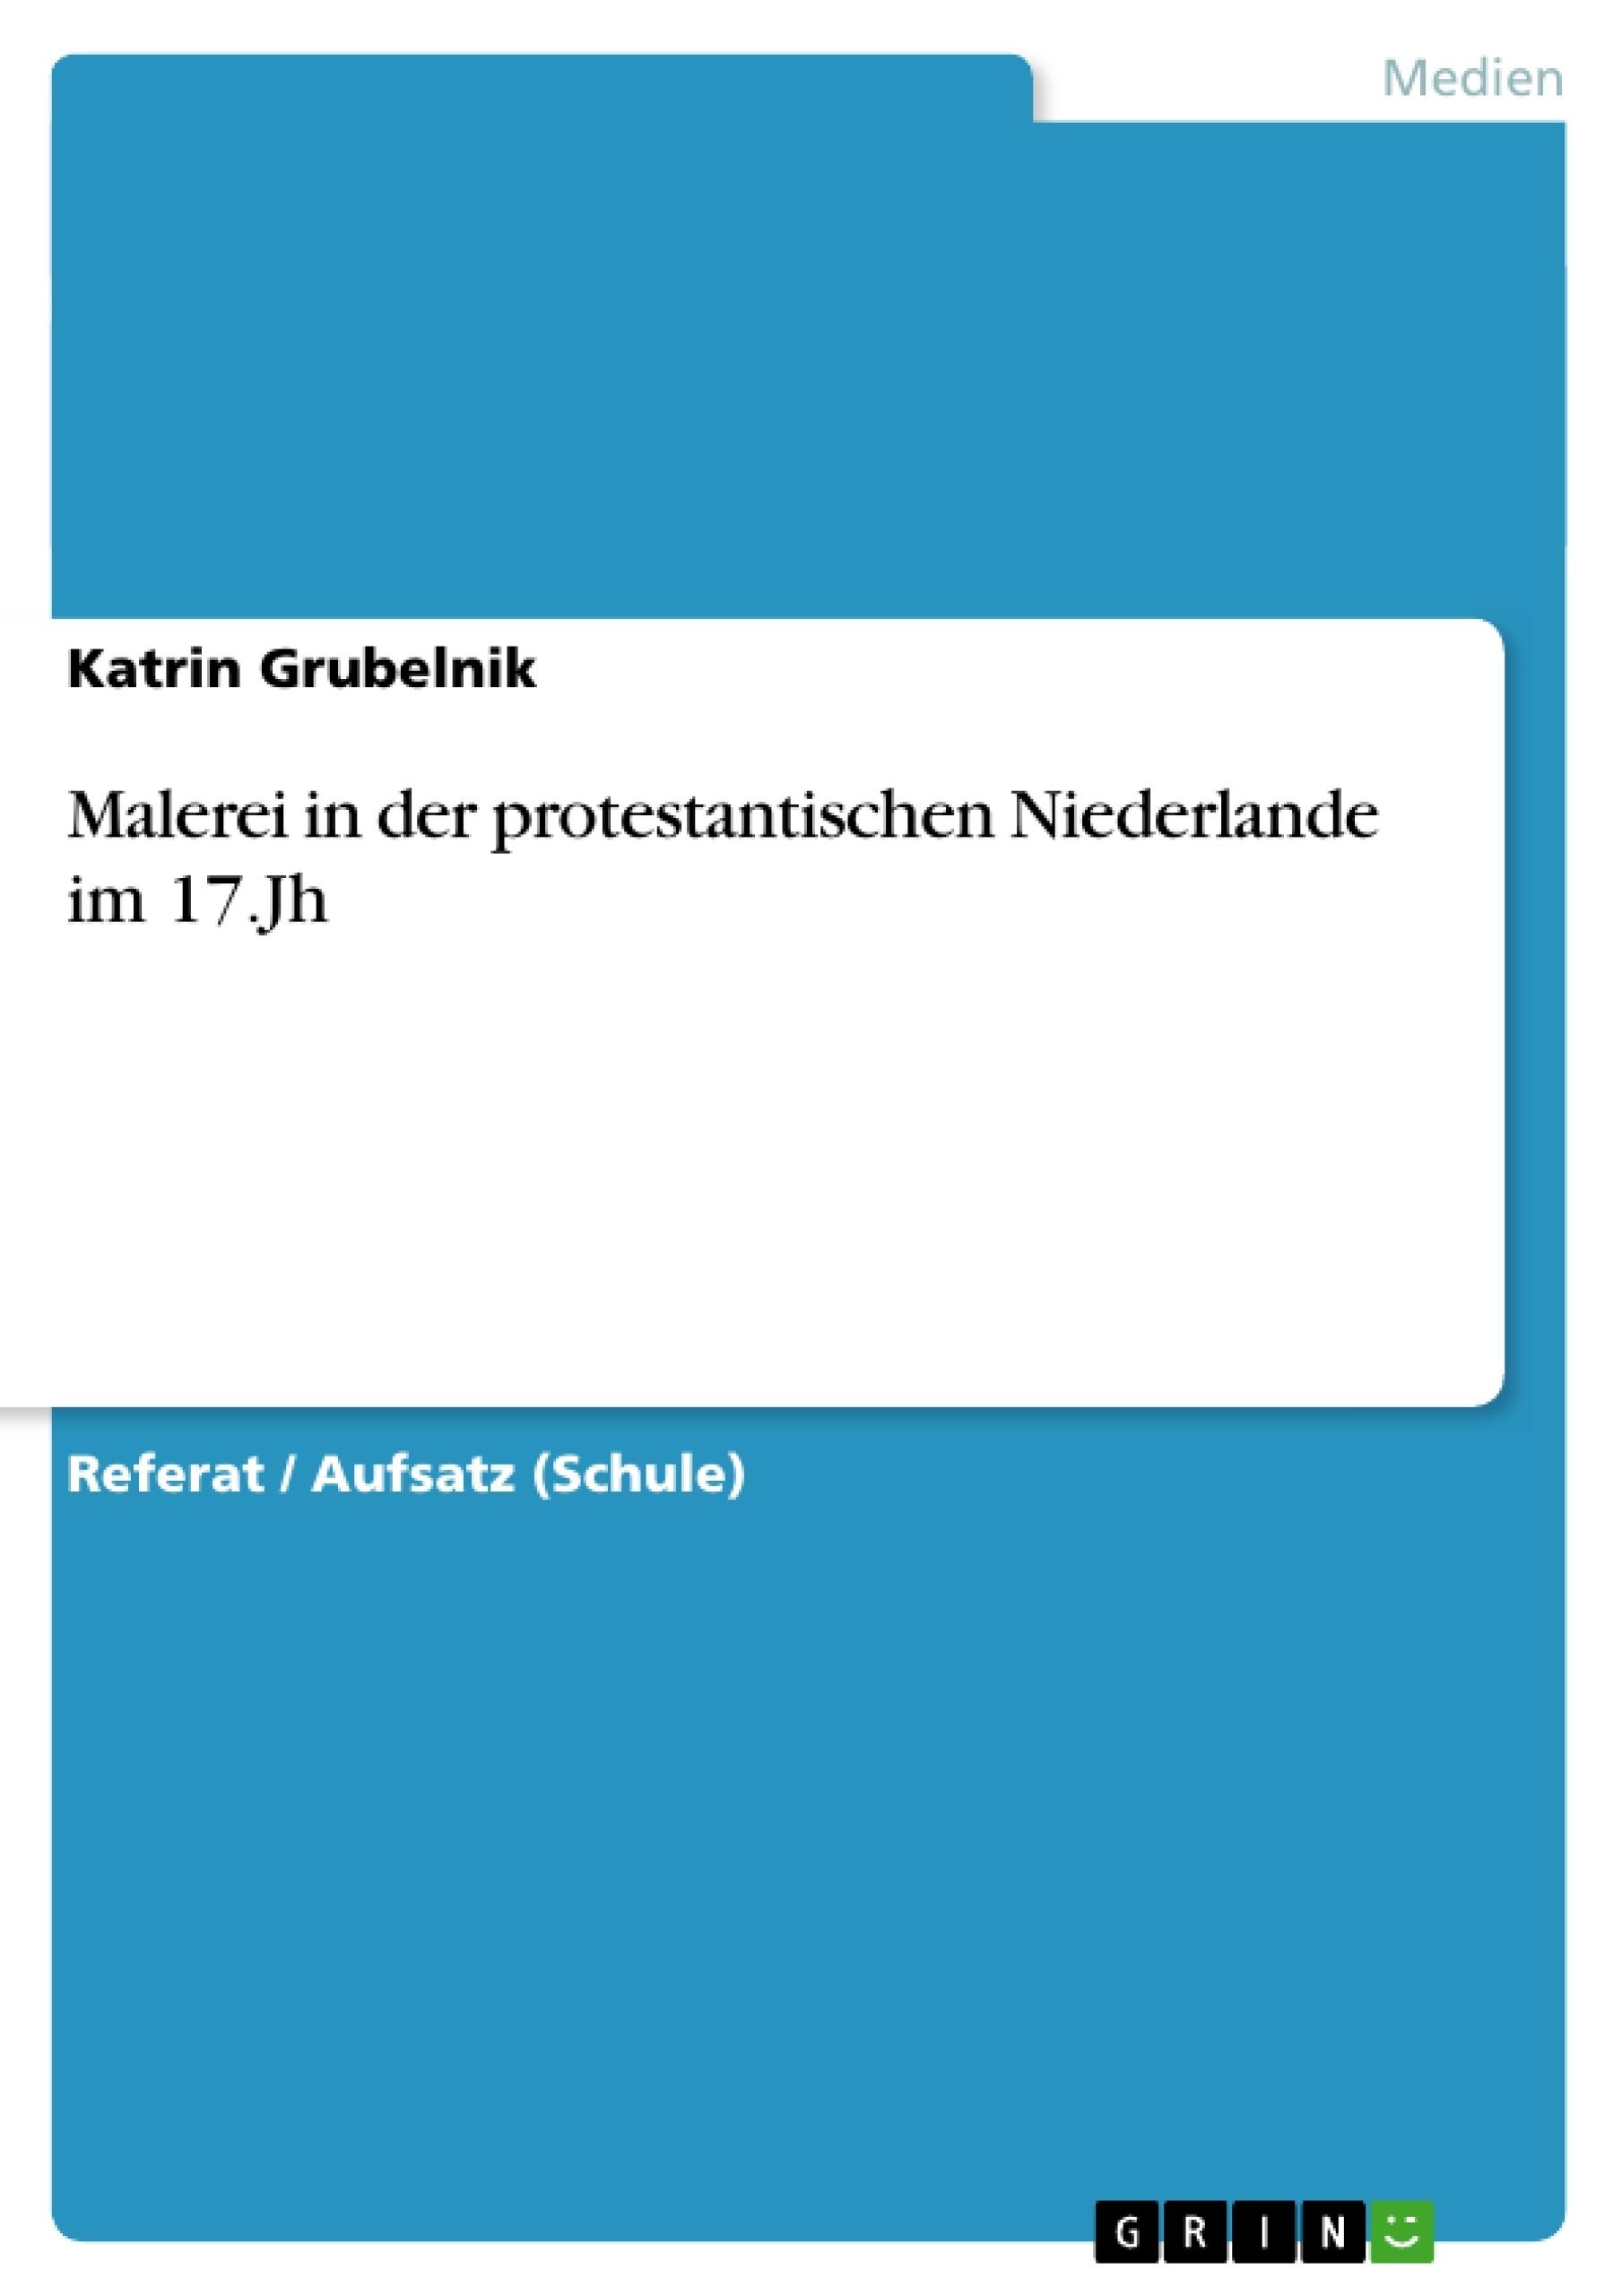 Titel: Malerei in der protestantischen Niederlande im 17.Jh